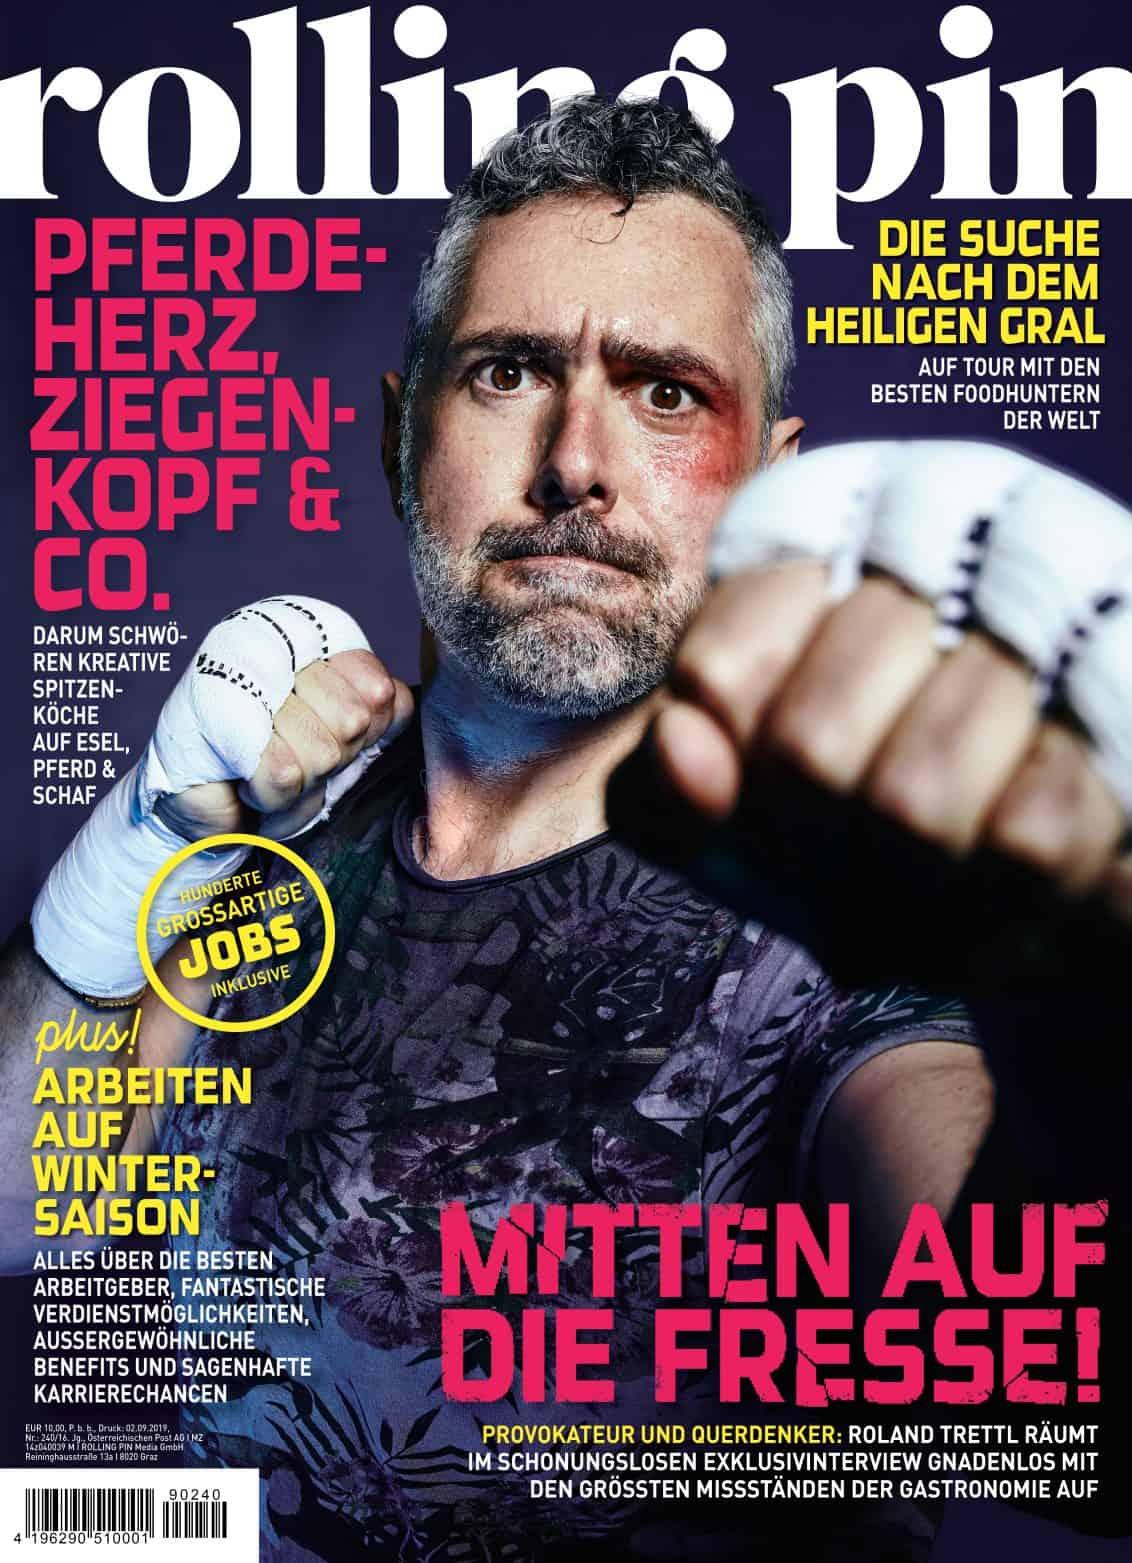 Roland Trettl mit ernstem Blick, blauem Auge und Box-Outfit am Cover des Magazins Rolling Pin